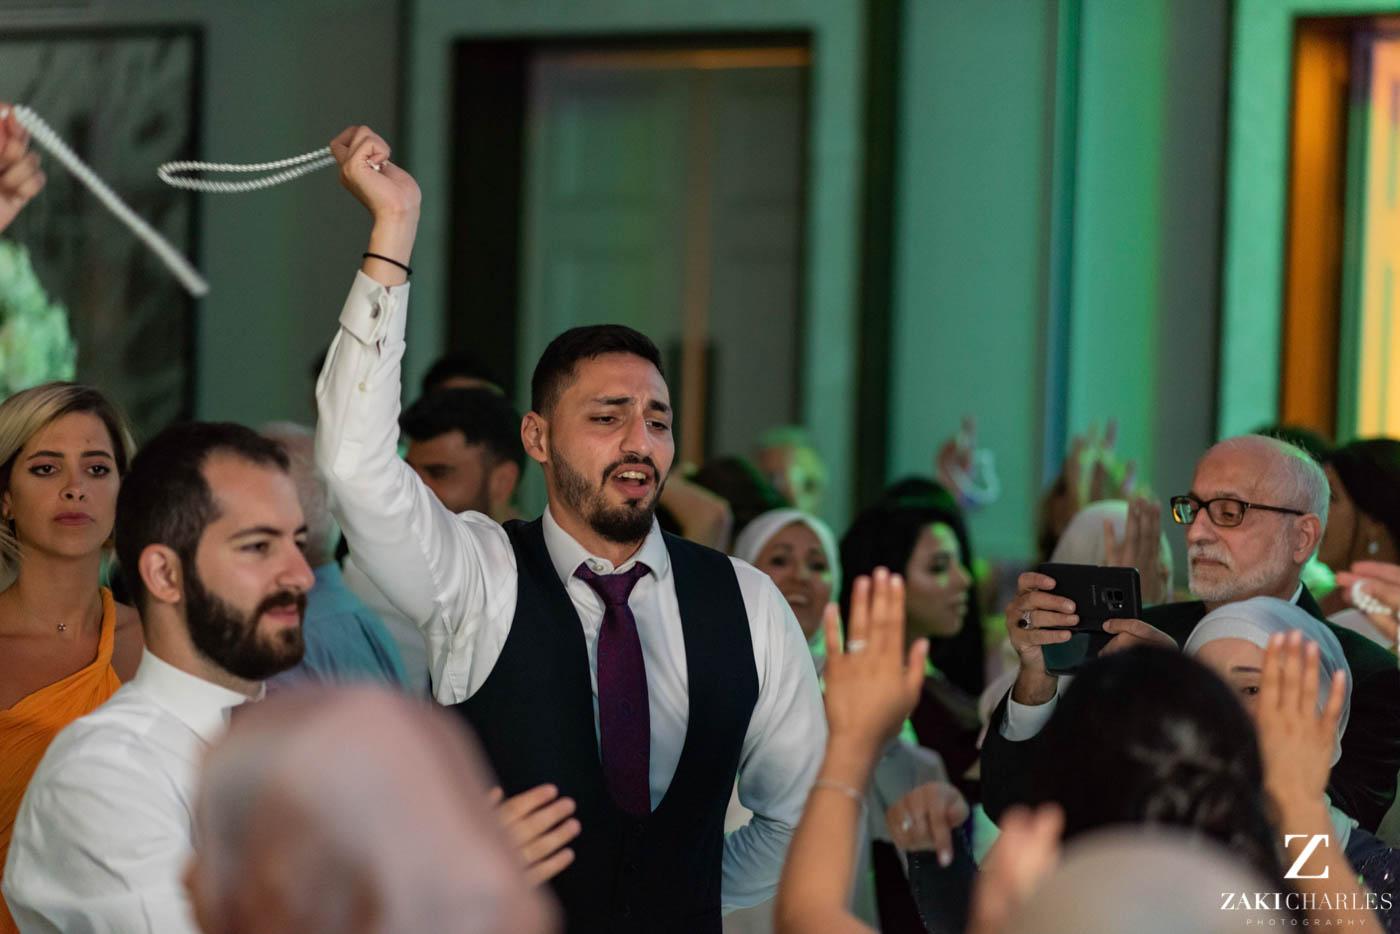 Guests dancing at Marriott Hotel Regents Park Wedding Venue 5